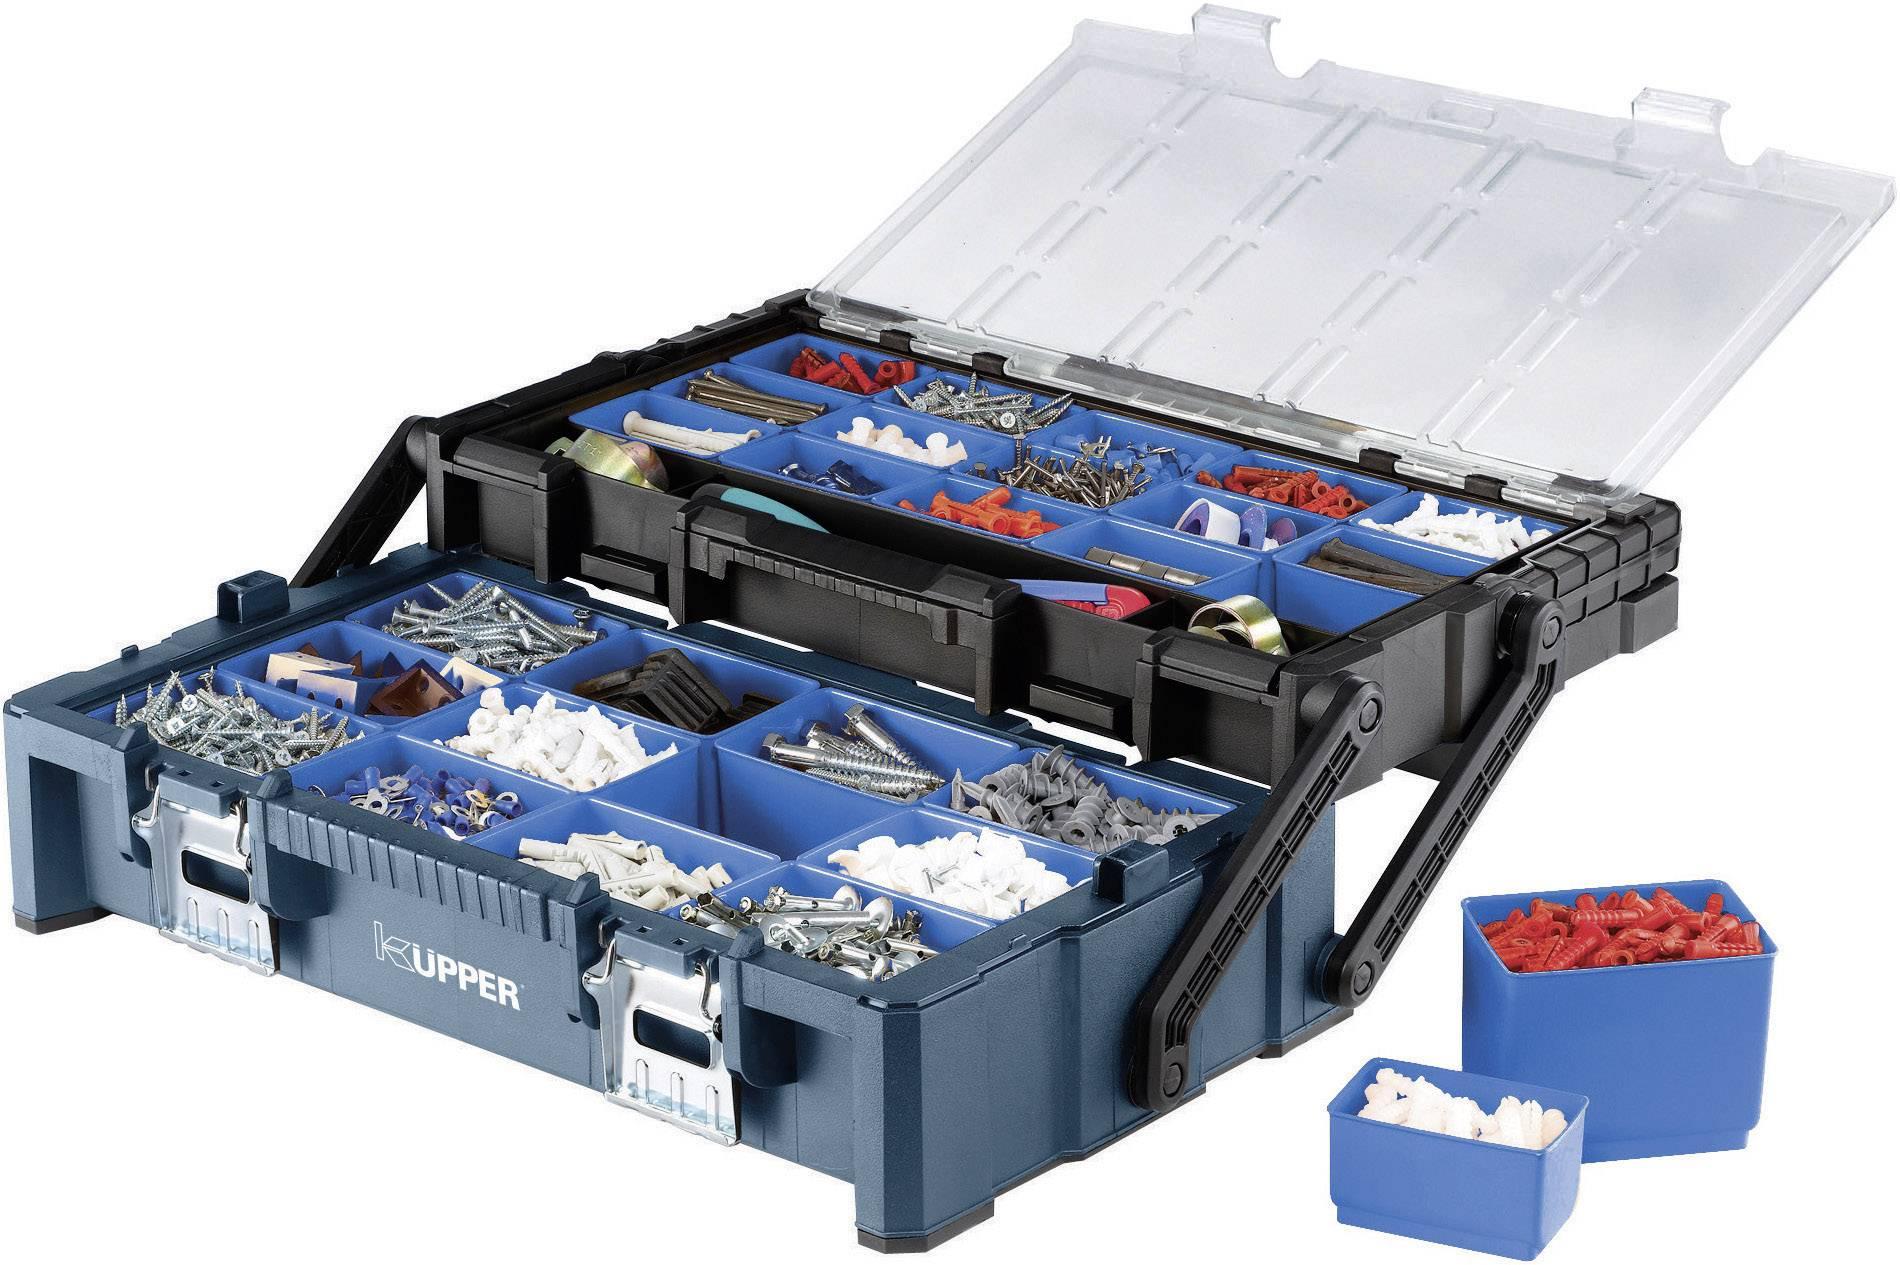 Box na náradie Küpper 50110, (š x v x h) 572 x 167 x 307 mm, umelá hmota